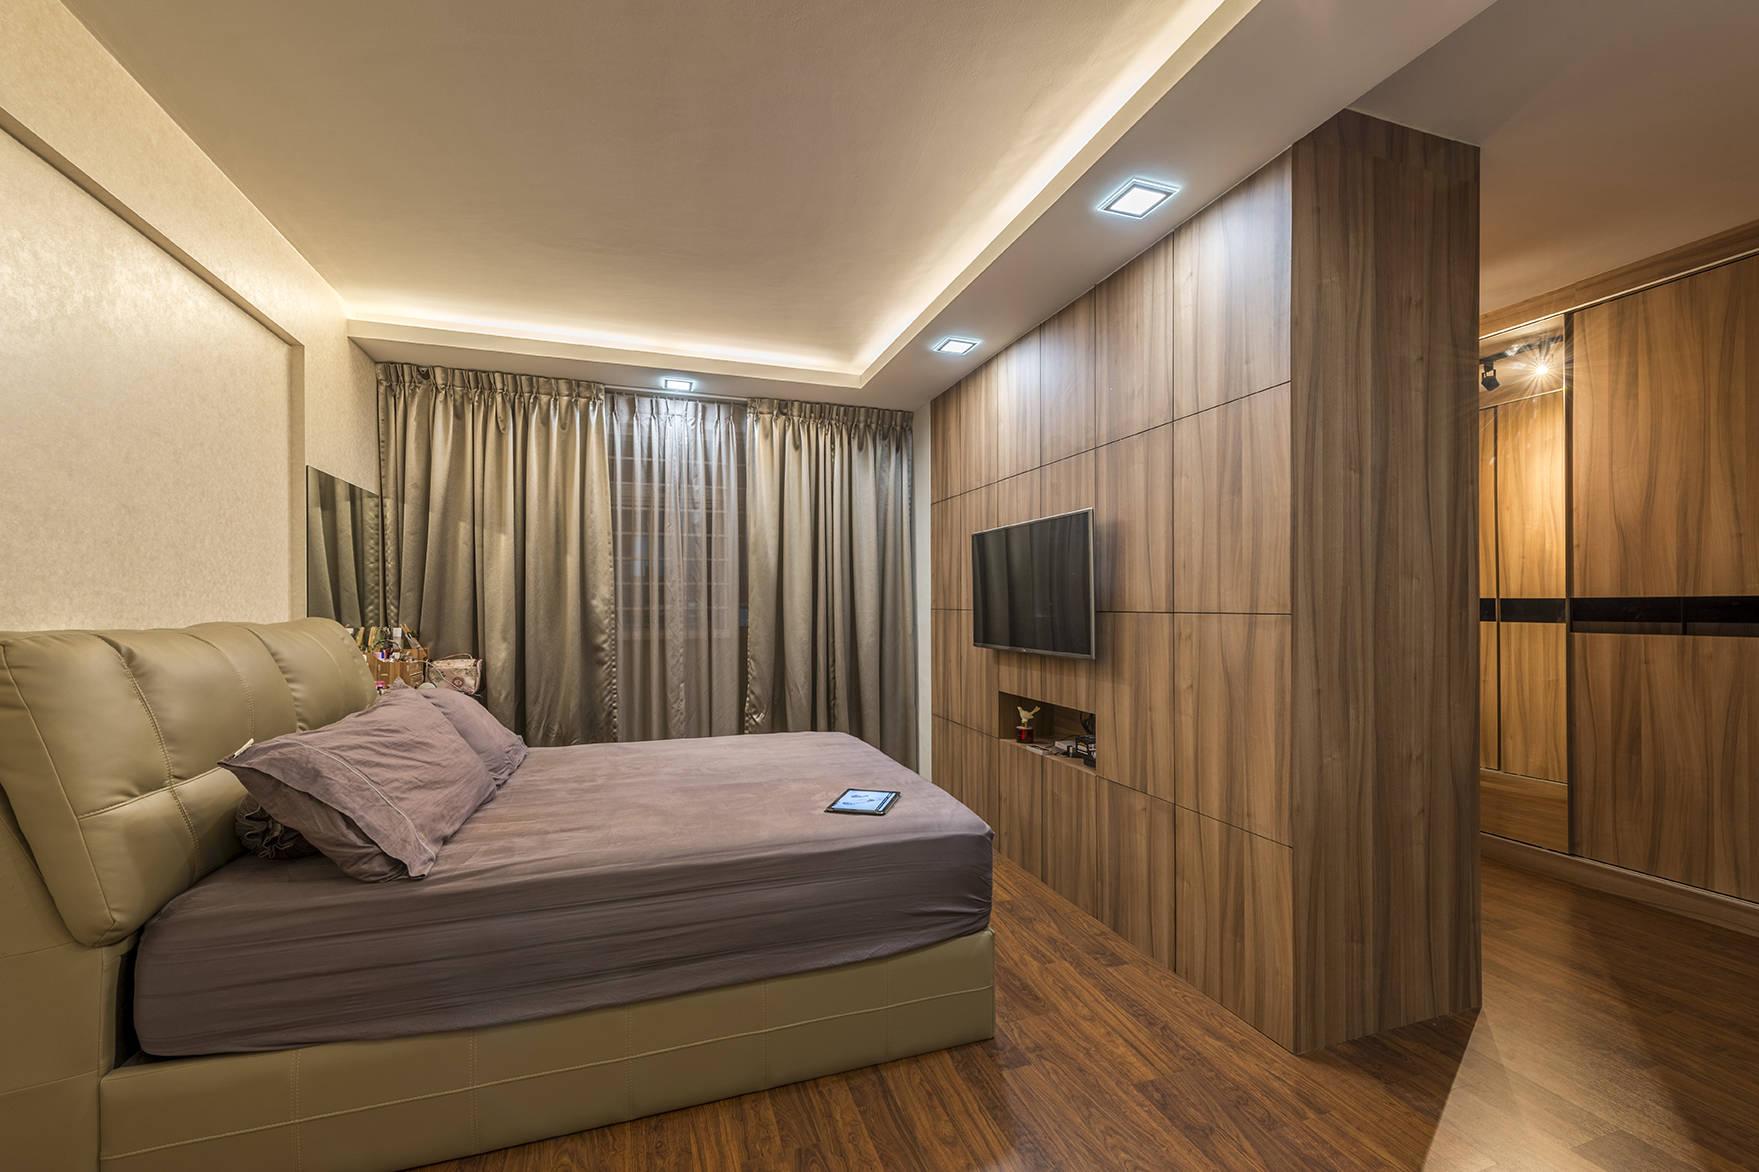 Hdb Master Bedroom Design Great Hdb Room Industrial Design Blk Punggol Interior Design